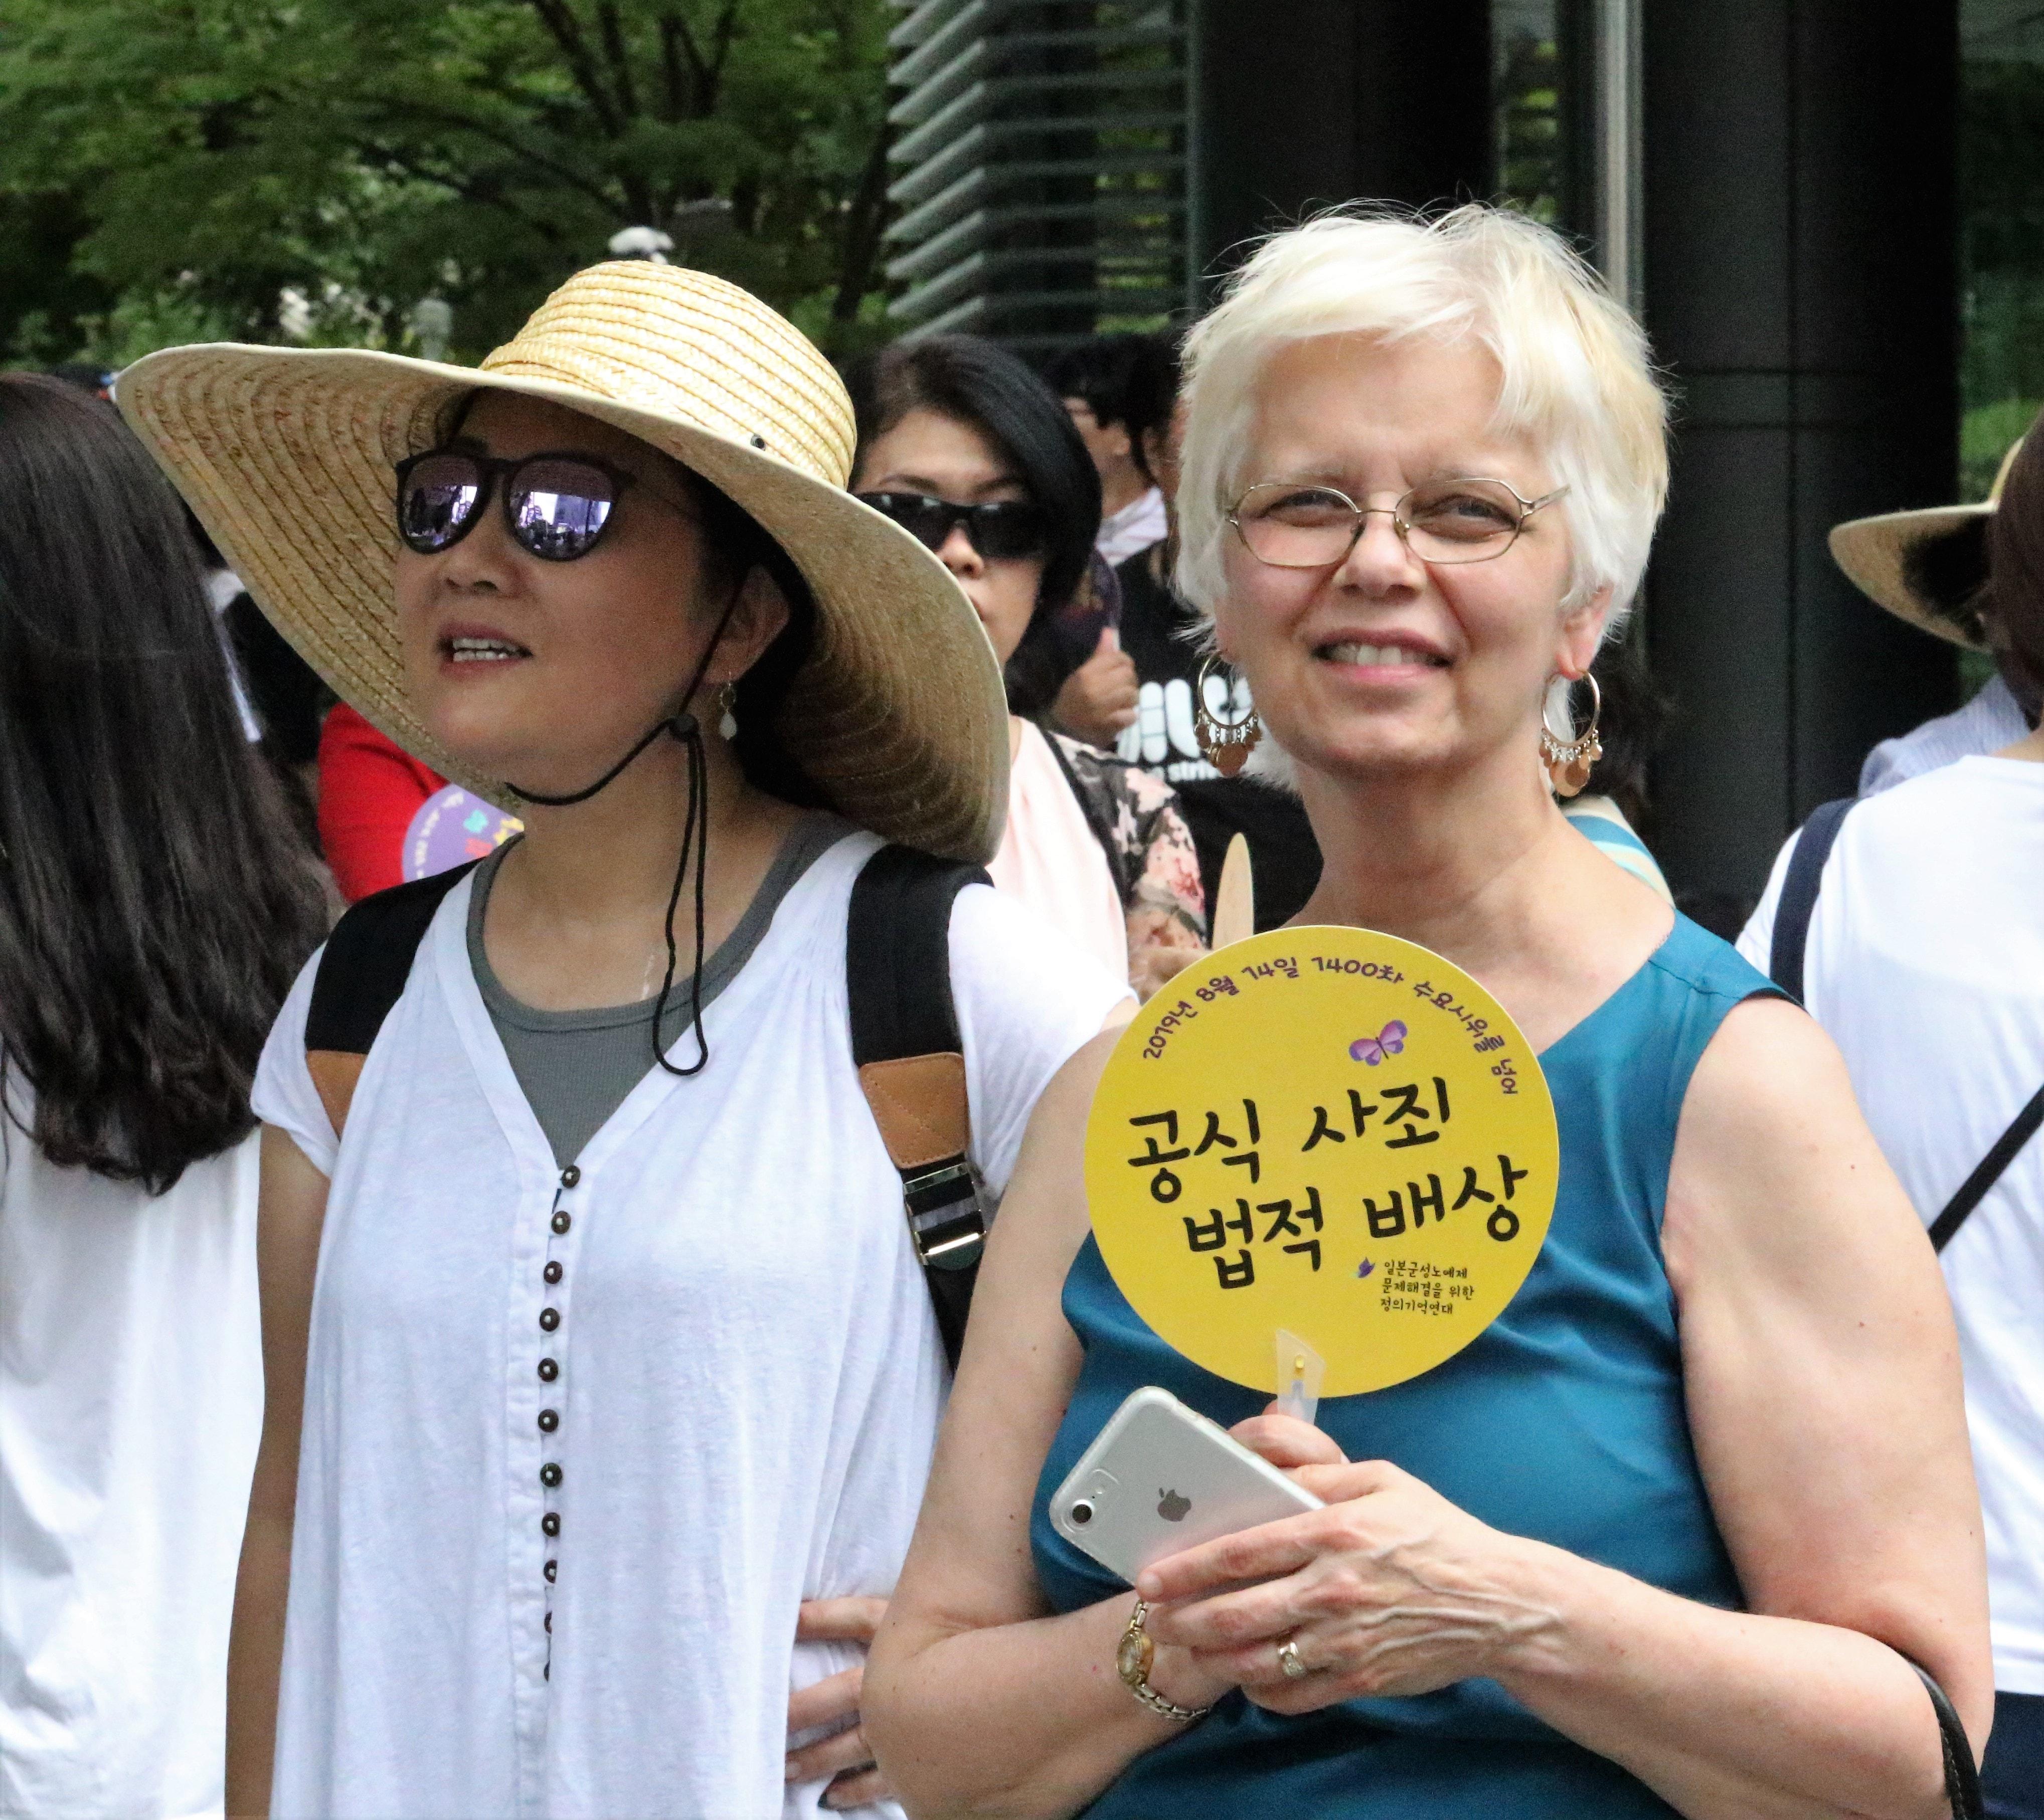 아프리카와 아시아 여성 신학자 컨퍼런스에 참석한 사람들은  8월 14일 일본 대사관 앞에서 열린 일본 제국주의의 한국 강점기에 일본에 의해 위안부로 끌려가 성노예로 희생당한 여성들을 기억하며 연대하는 1,400차 시위 및 제7차 세계일본군위안부기림일 행사에 참석했다. 사진 김응선 목사, 연합감리교뉴스.)